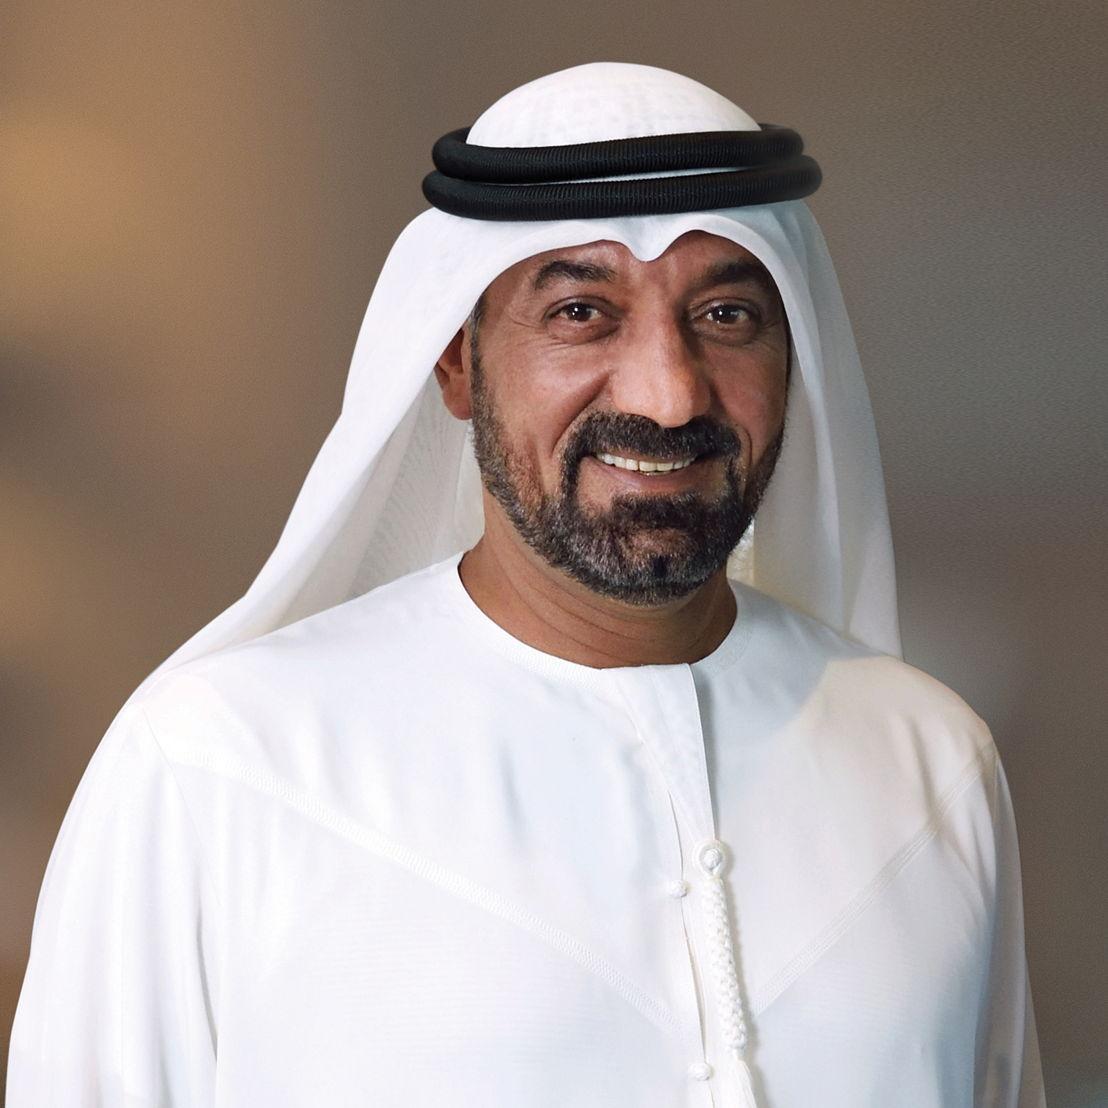 سمو الشيخ أحمد بن سعيد آل مكتوم، الرئيس الأعلى الرئيس التنفيذي لطيران الإمارات والمجموعة، يعلن نتائج مجموعة الإمارات للسنة المالية 2017/ 2018.